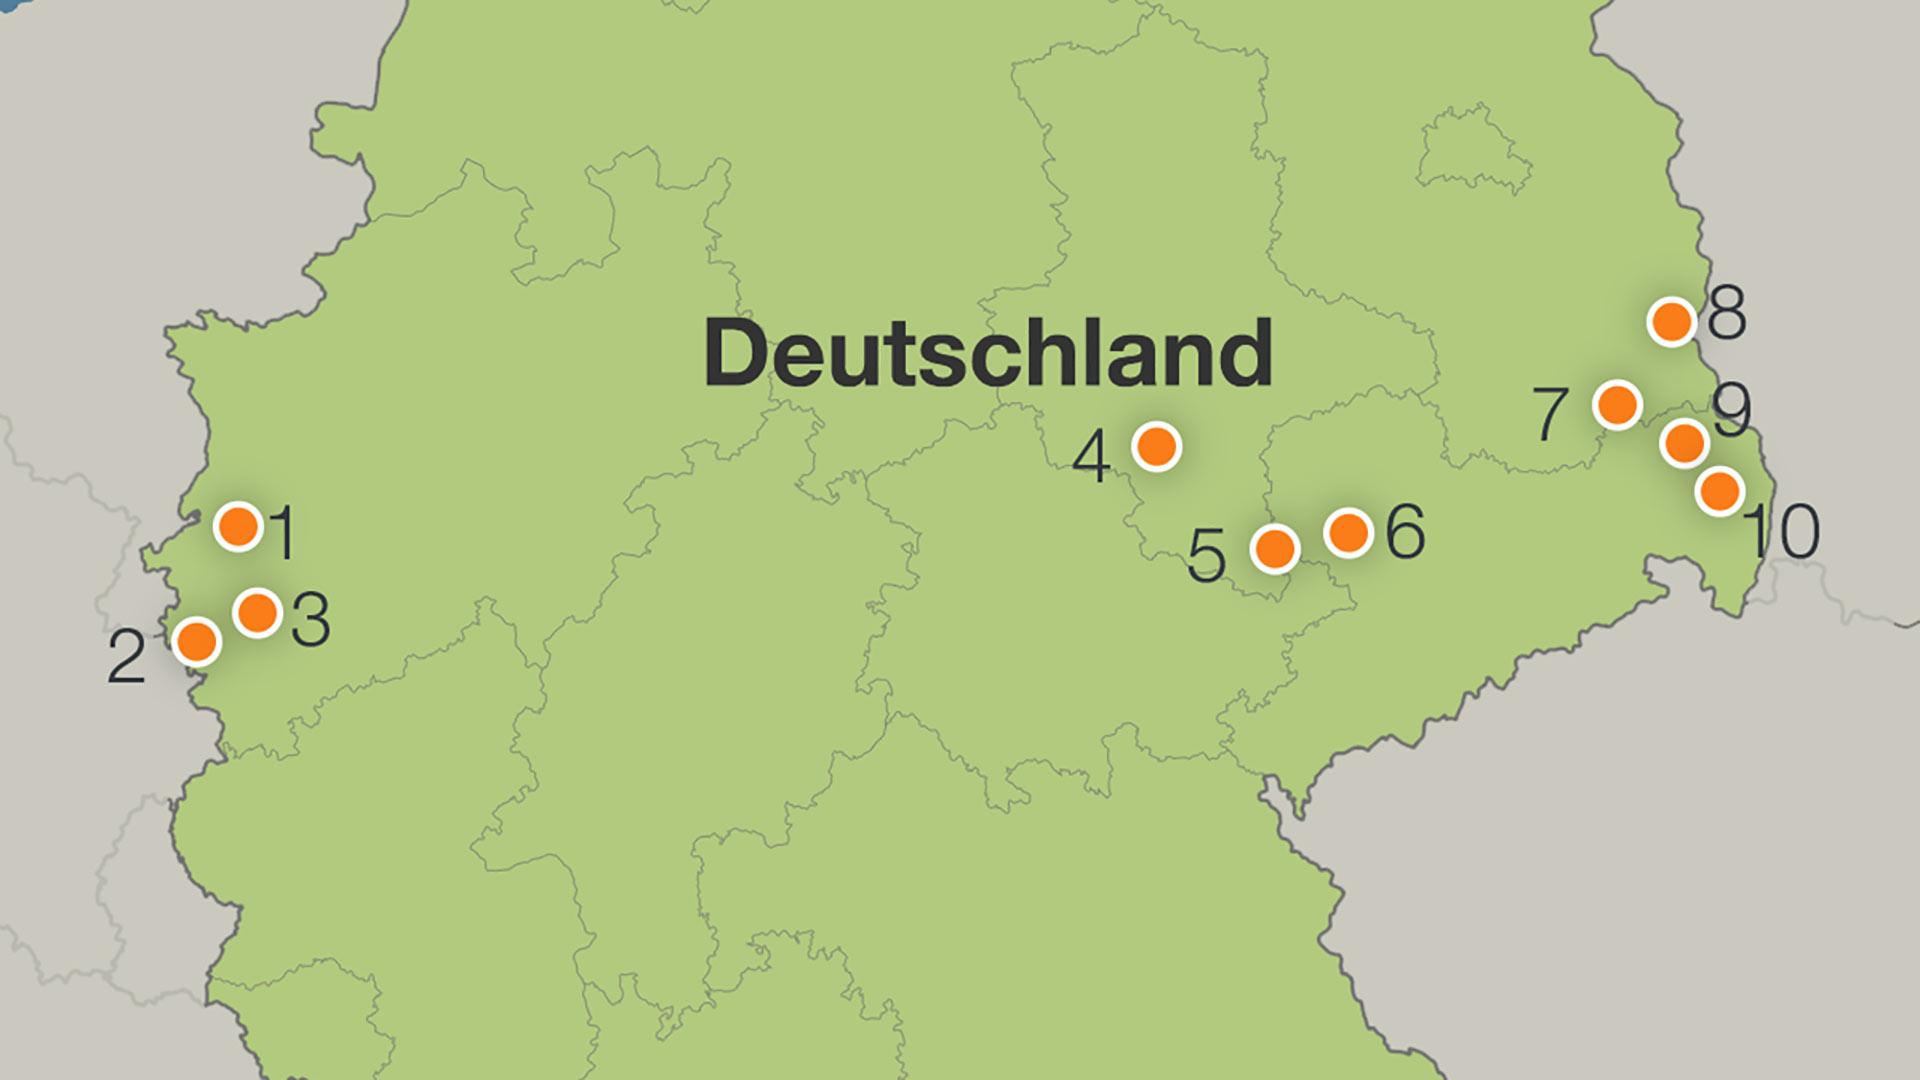 braunkohlegebiete in deutschland karte Gesetz für den Strukturwandel: Kabinett berät über Braunkohle